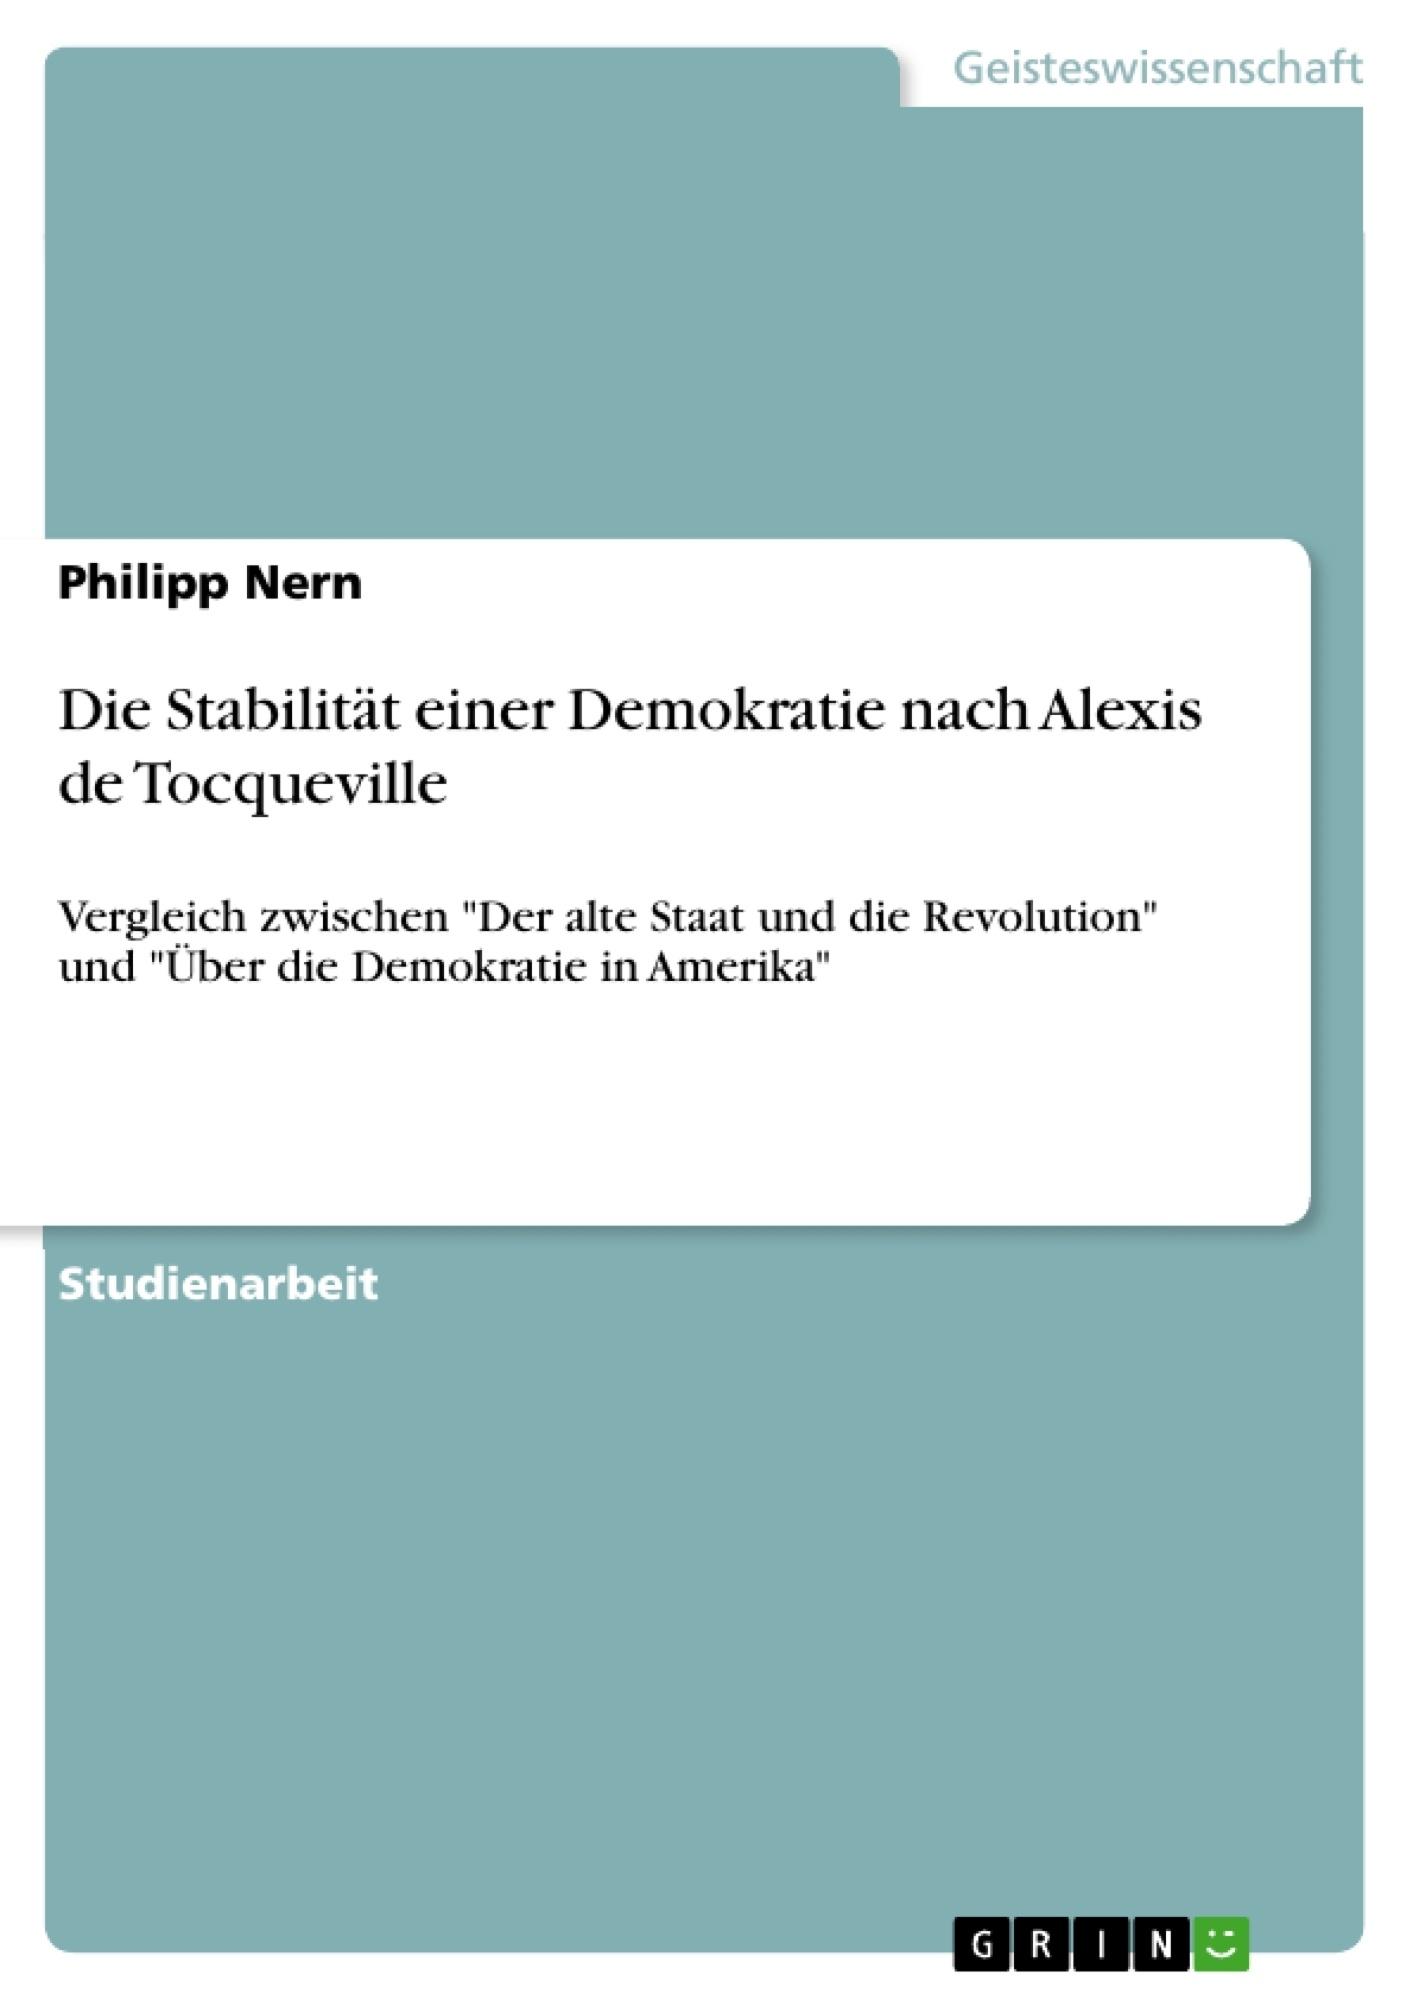 Titel: Die Stabilität einer Demokratie nach Alexis de Tocqueville